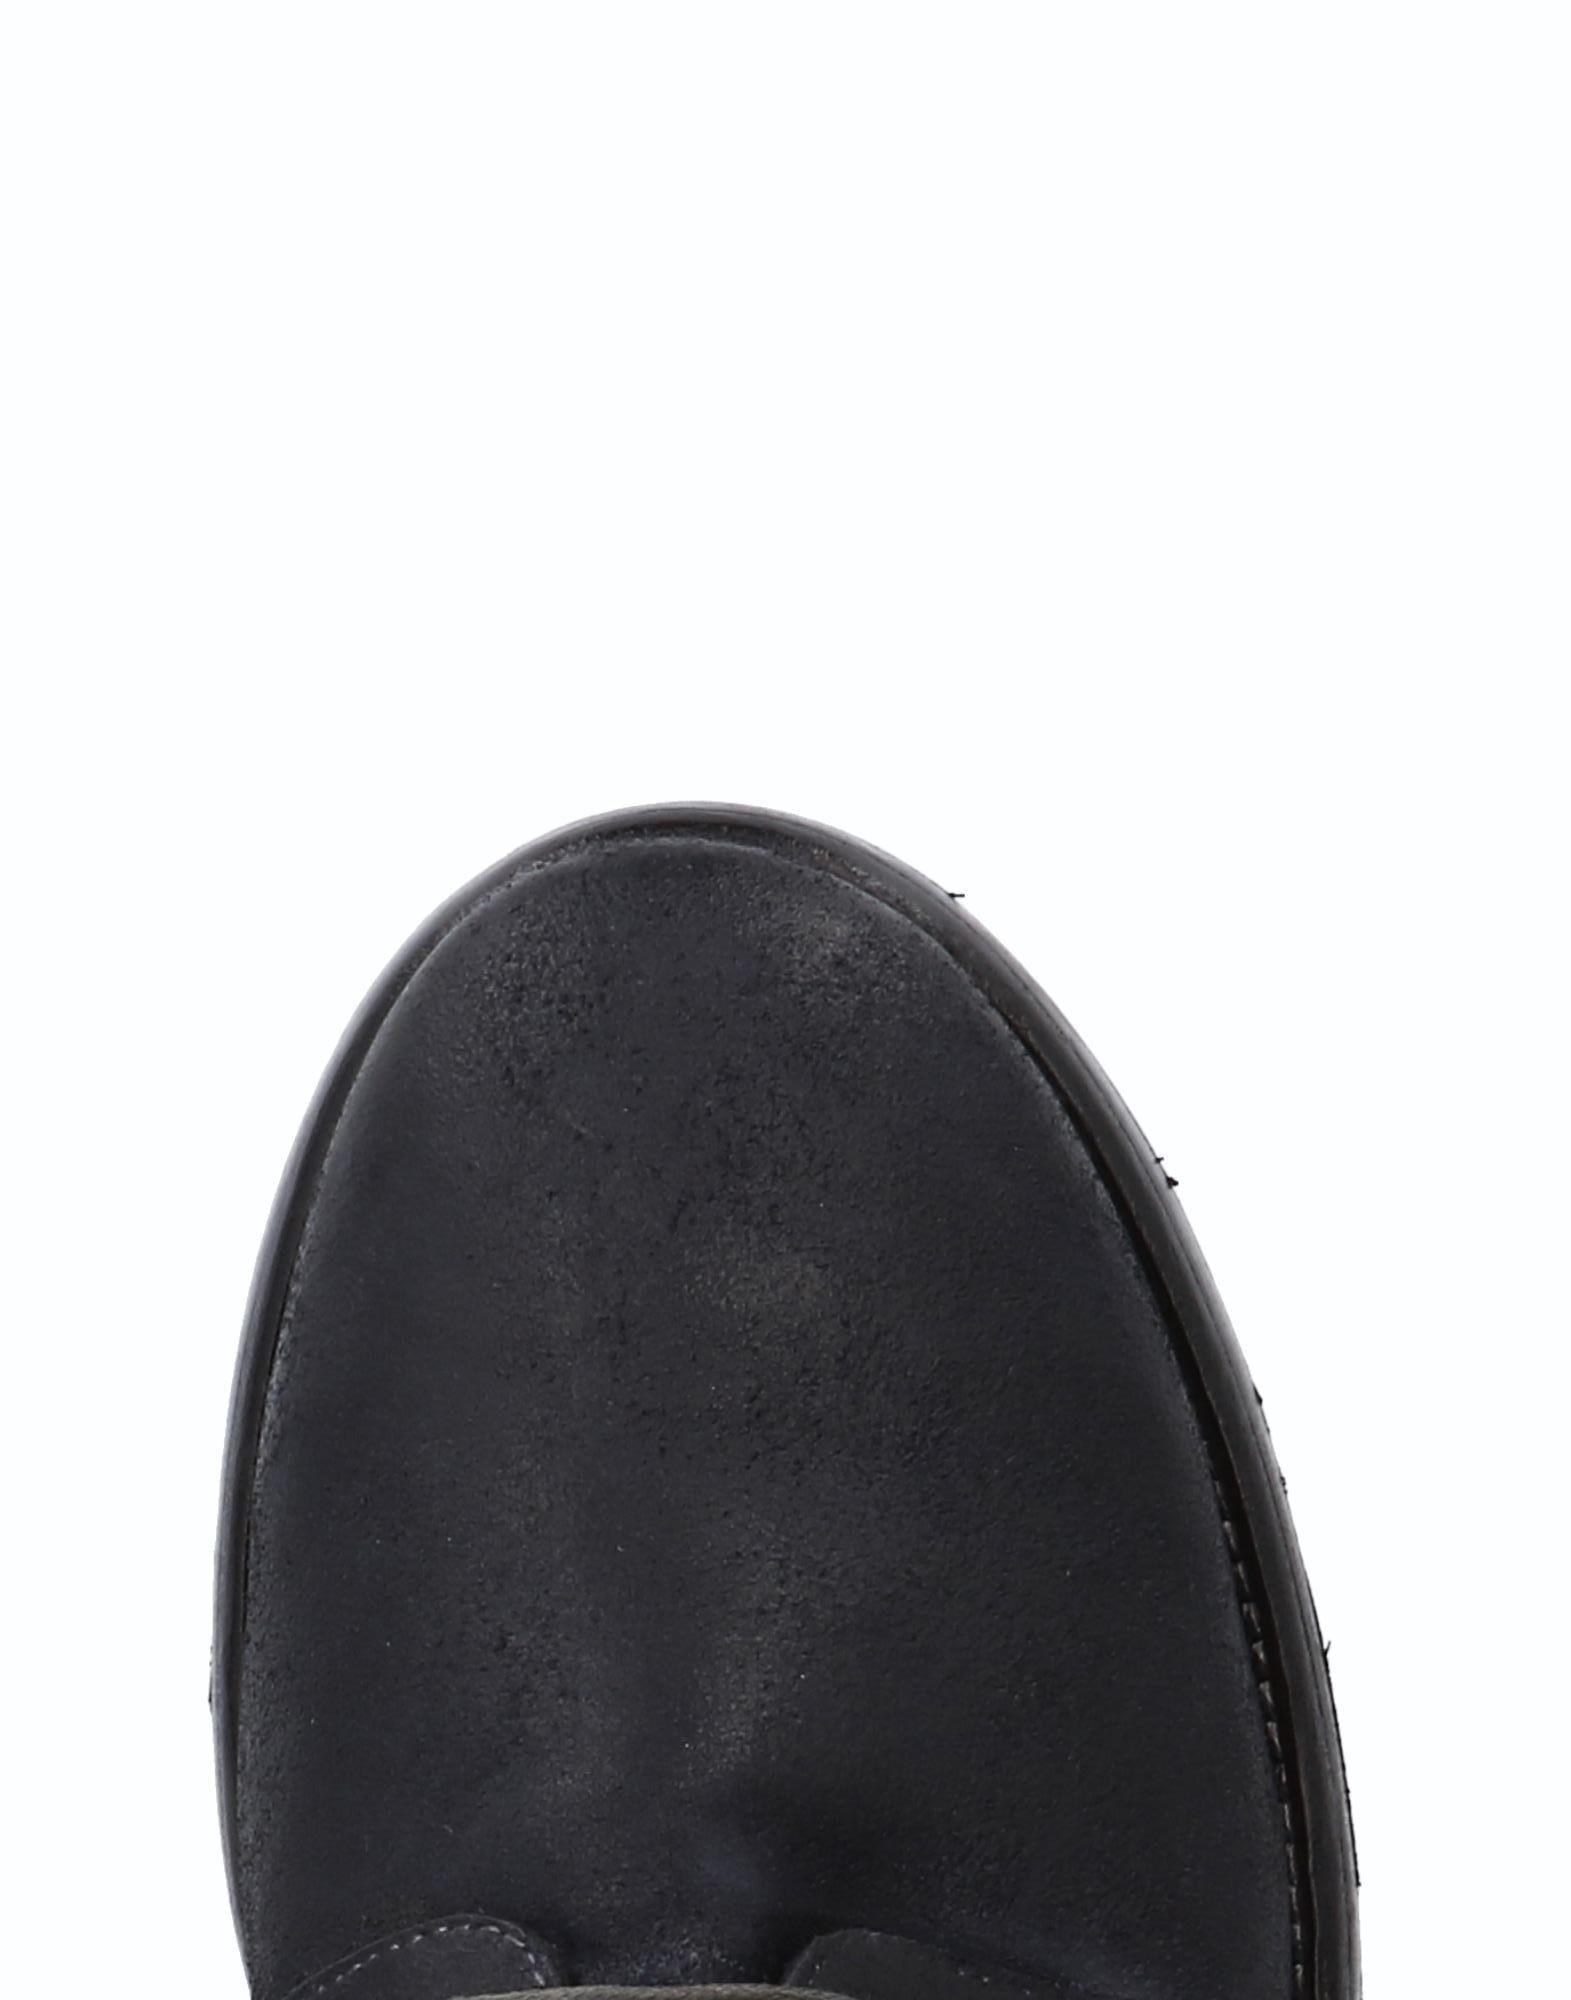 Rabatt Schnürschuhe echte Schuhe Keep Originals Schnürschuhe Rabatt Herren  11501935KC 7a7810